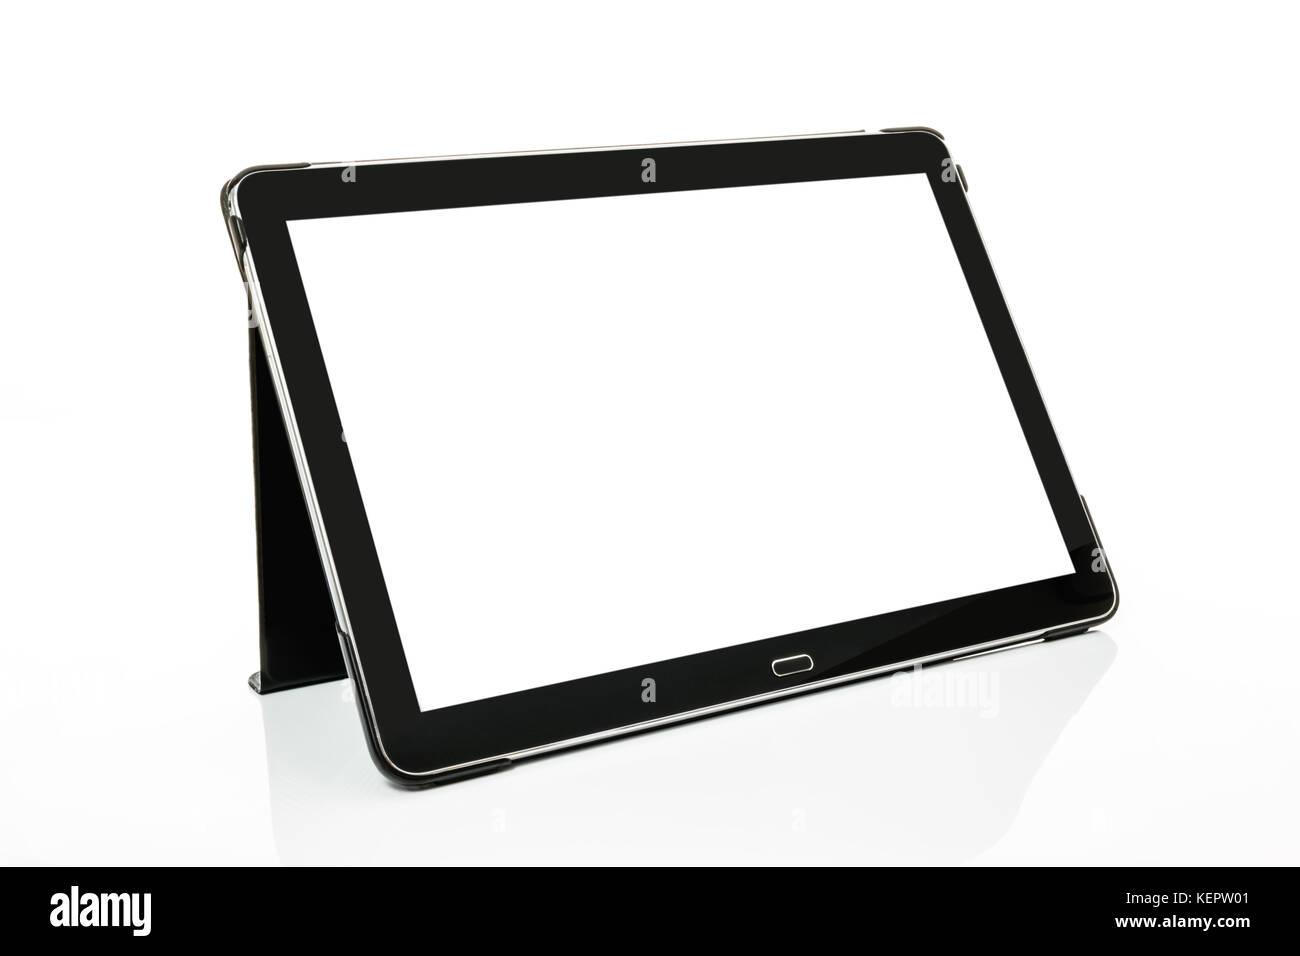 Mock-up avec une tablette numérique moderne noir argent en perspective isolé sur fond blanc Banque D'Images